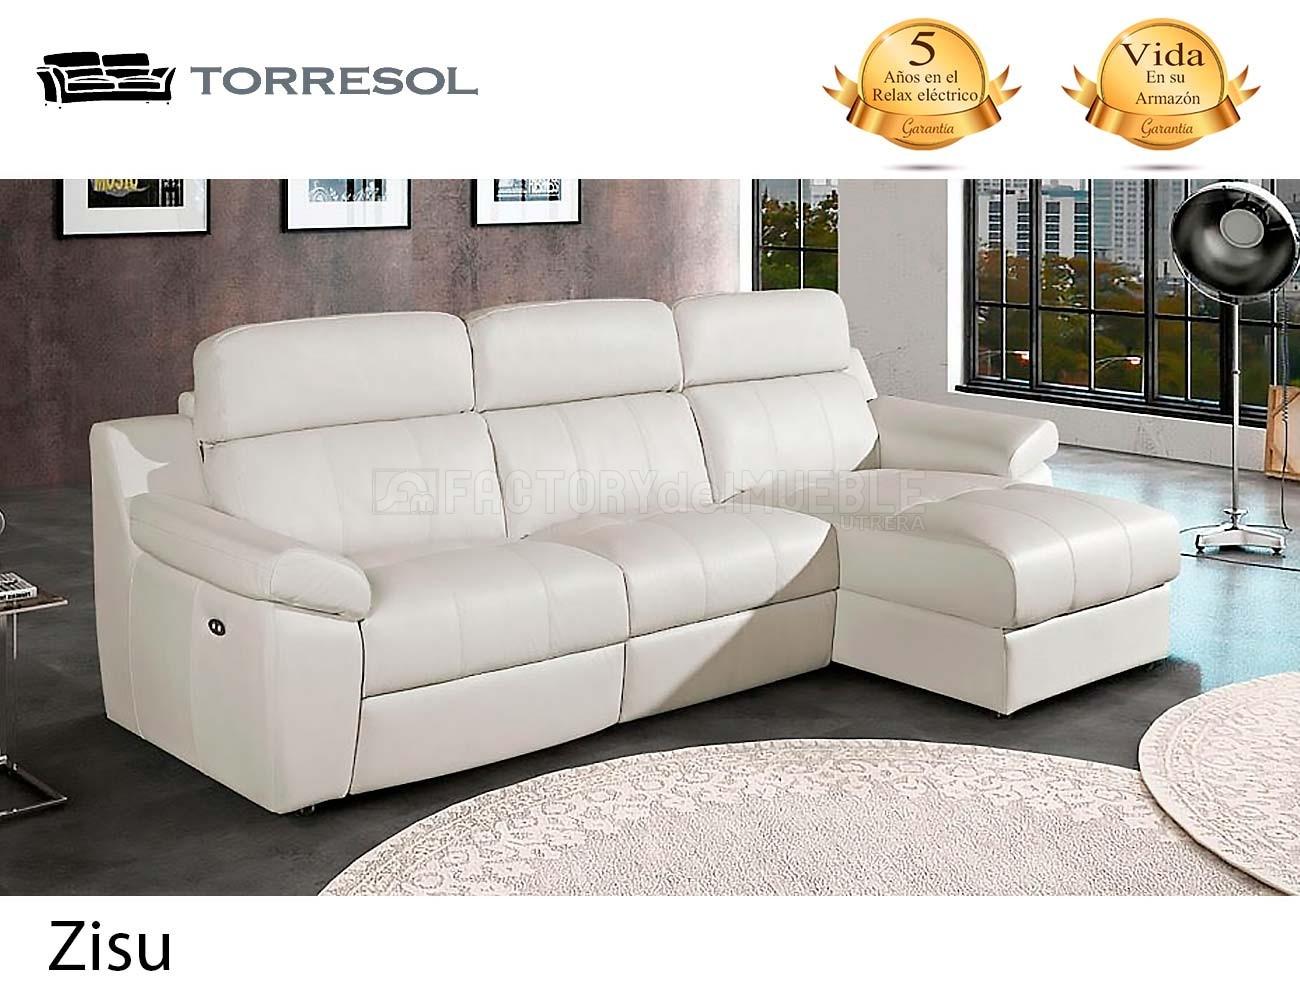 Sof zisu de torresol en piel espesorada 23388 factory - Factory del sofa sevilla ...